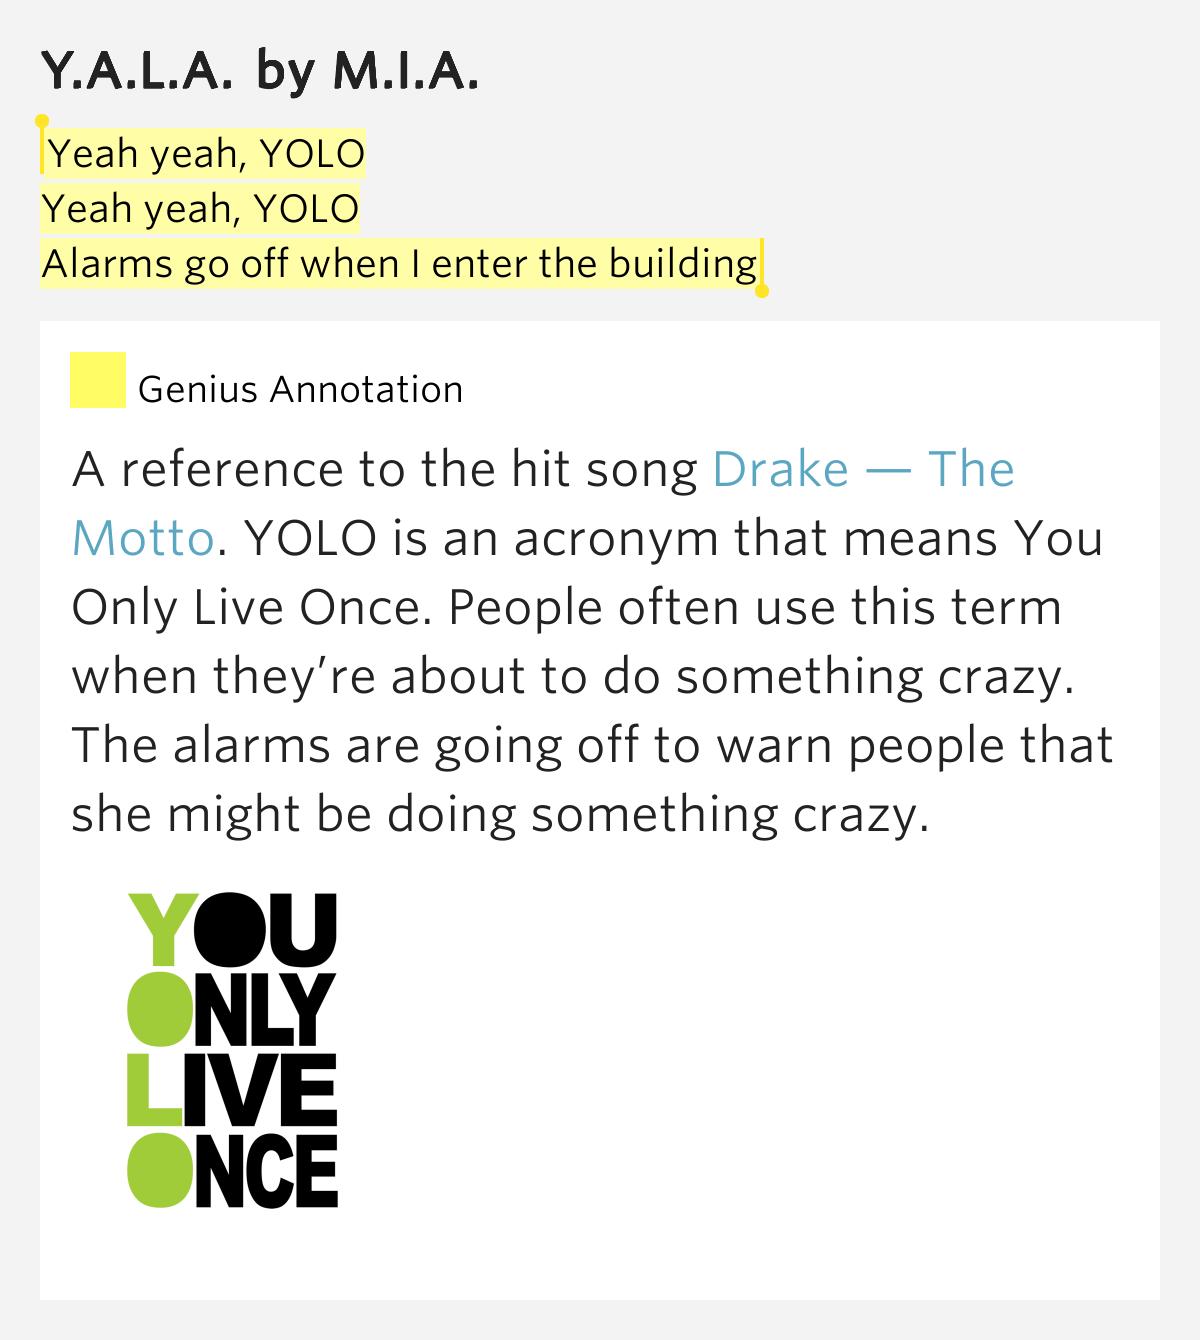 Mia Yala Lyrics - Lyrics, Song Lyrics - LyricsOwl.com